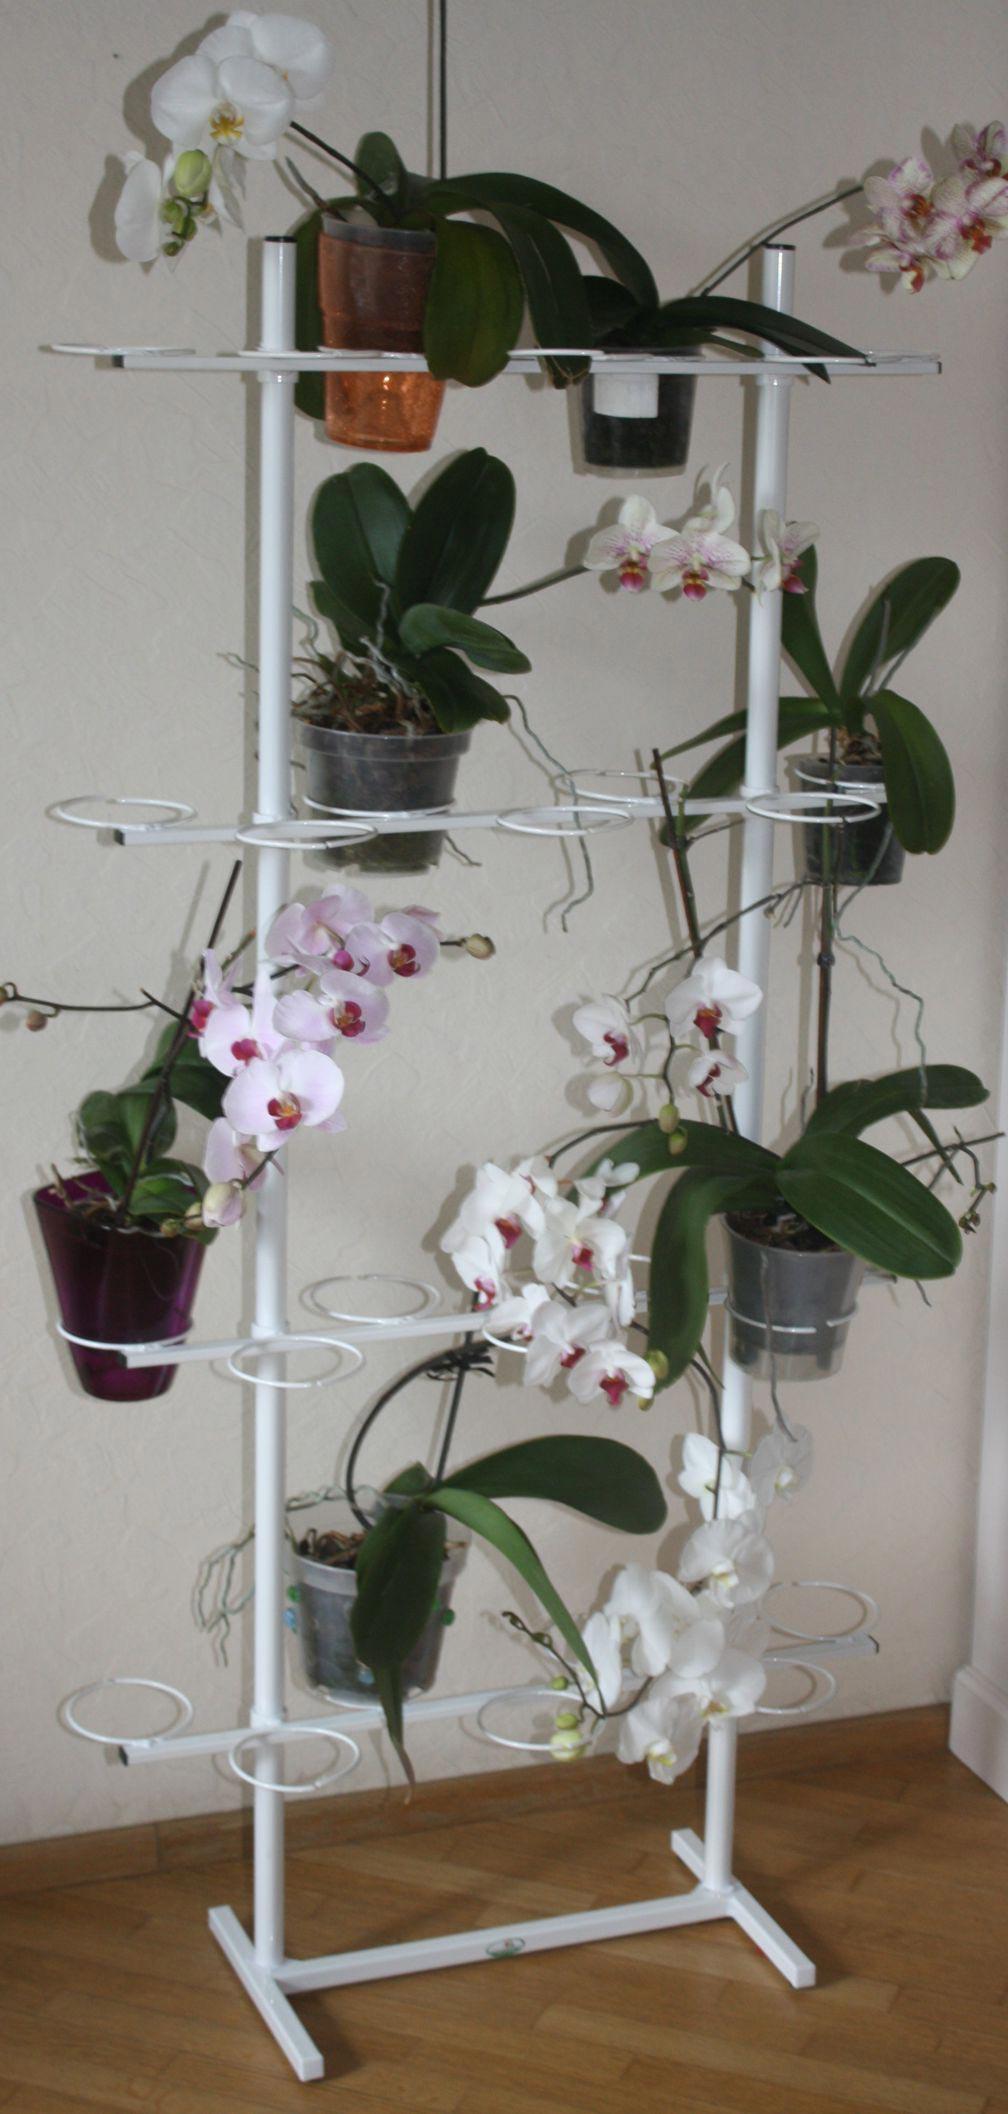 Подставки для цветов напольные, подставка под цветы на пол